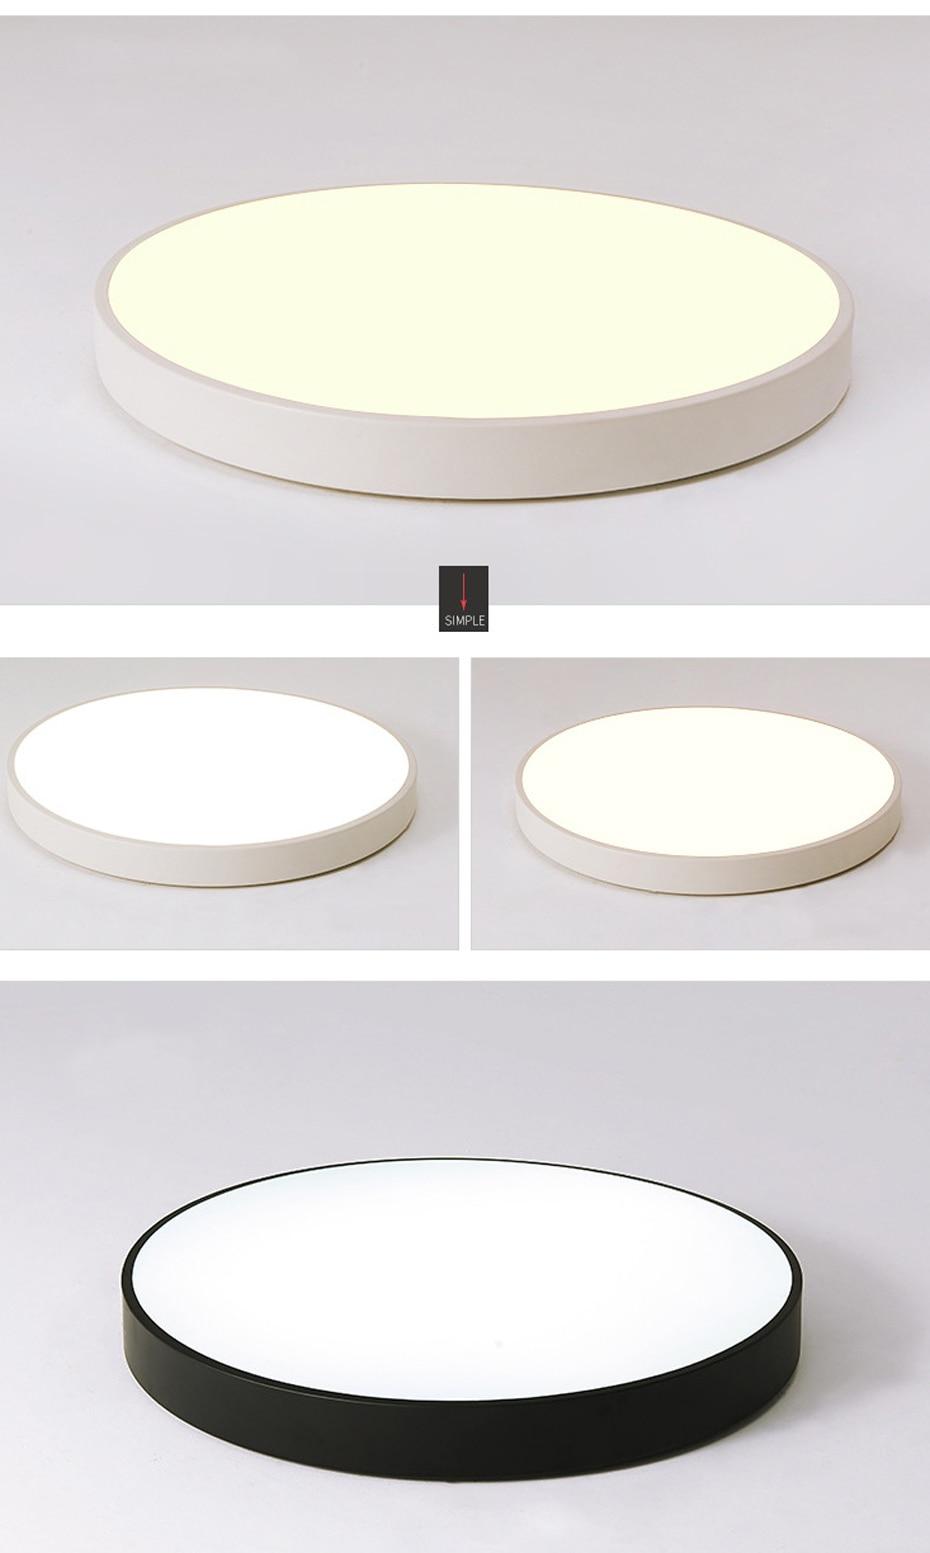 HTB1PhNZXJfvK1RjSspoq6zfNpXaH Ultra-thin LED 5cm Ceiling Light Modern Ceiling Lamp Surface Mount Flush Panel Remote Control Light for Restaurant Foyer Bedroom